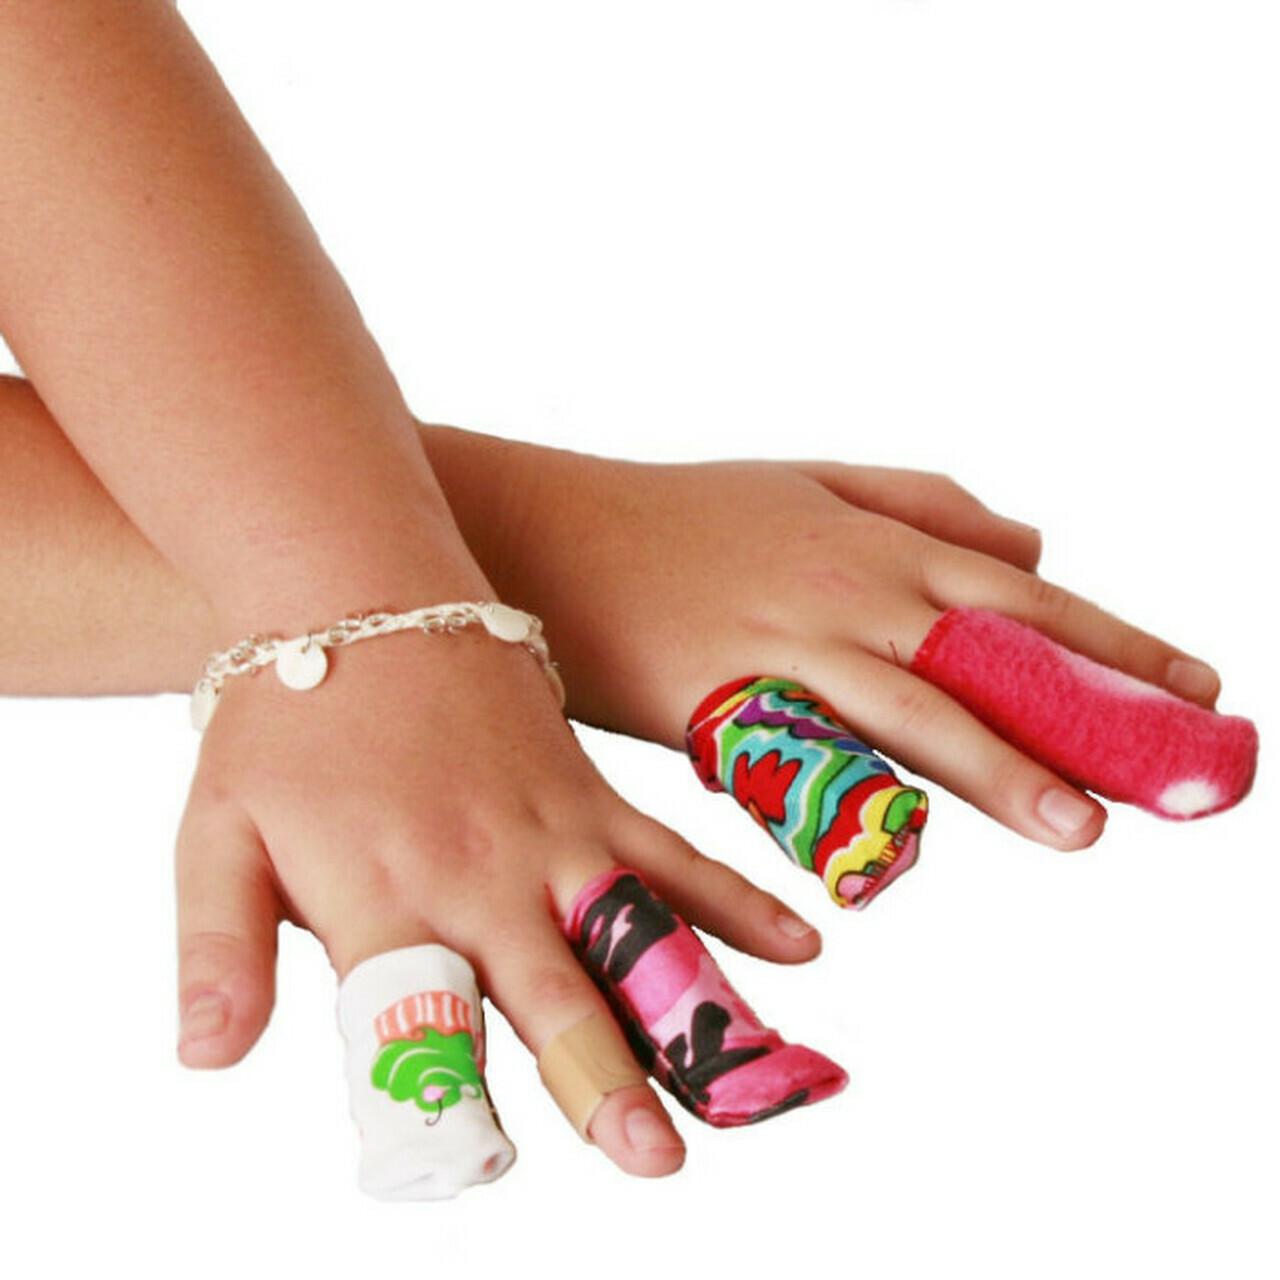 Splintz! - Finger Splint Covers